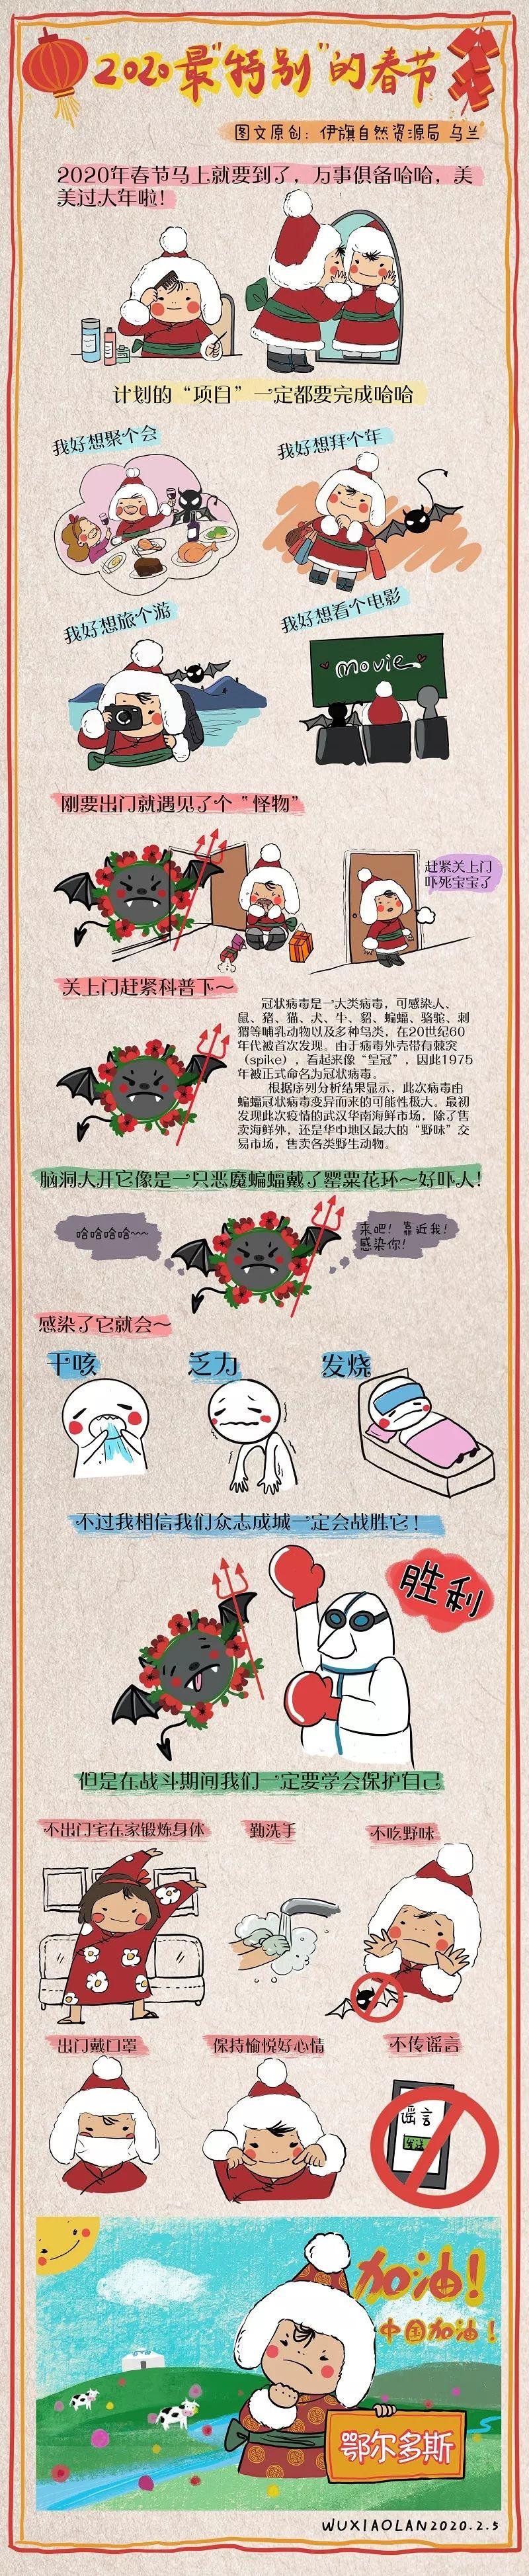 我的原创·漫画 | 蒙古族男娃哈布尔的春节假期 第5张 我的原创·漫画 | 蒙古族男娃哈布尔的春节假期 蒙古设计